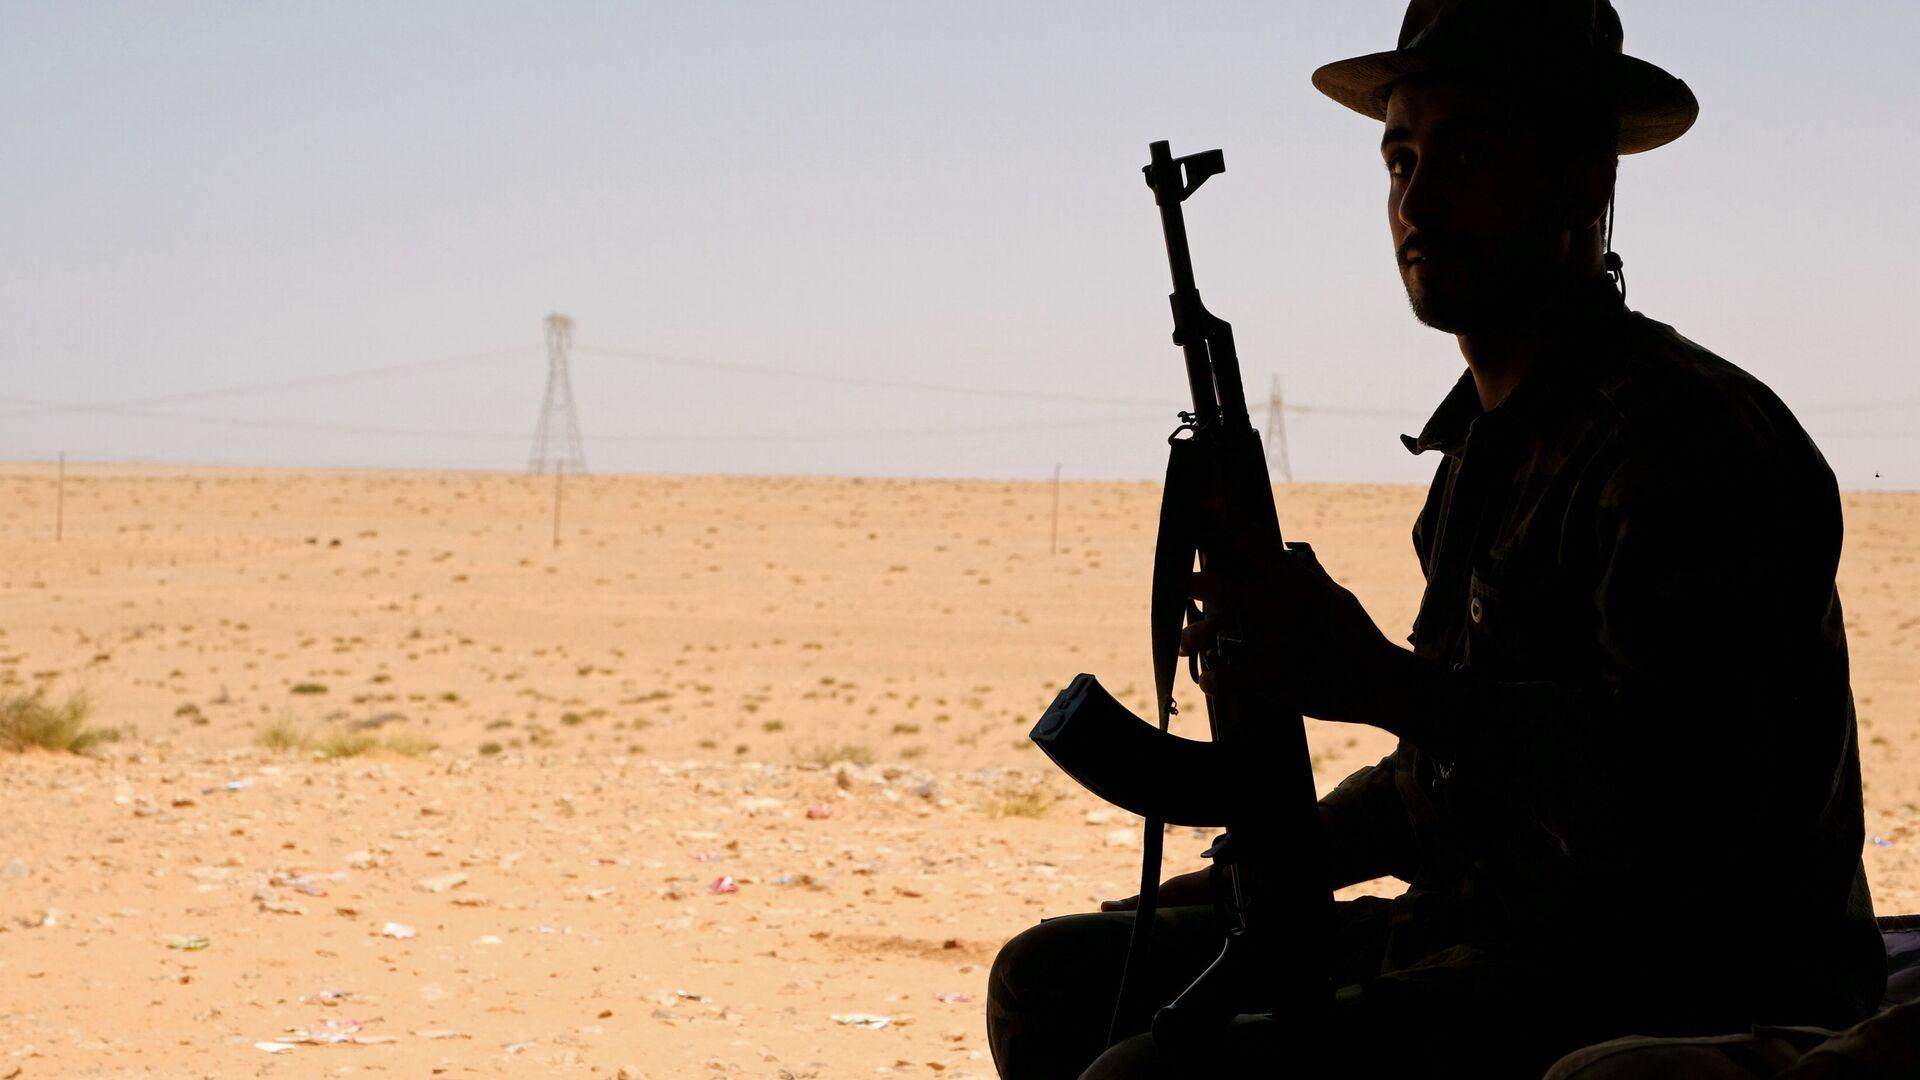 Un miembro del Ejército de Hatar en Libia - Sputnik Mundo, 1920, 03.03.2021